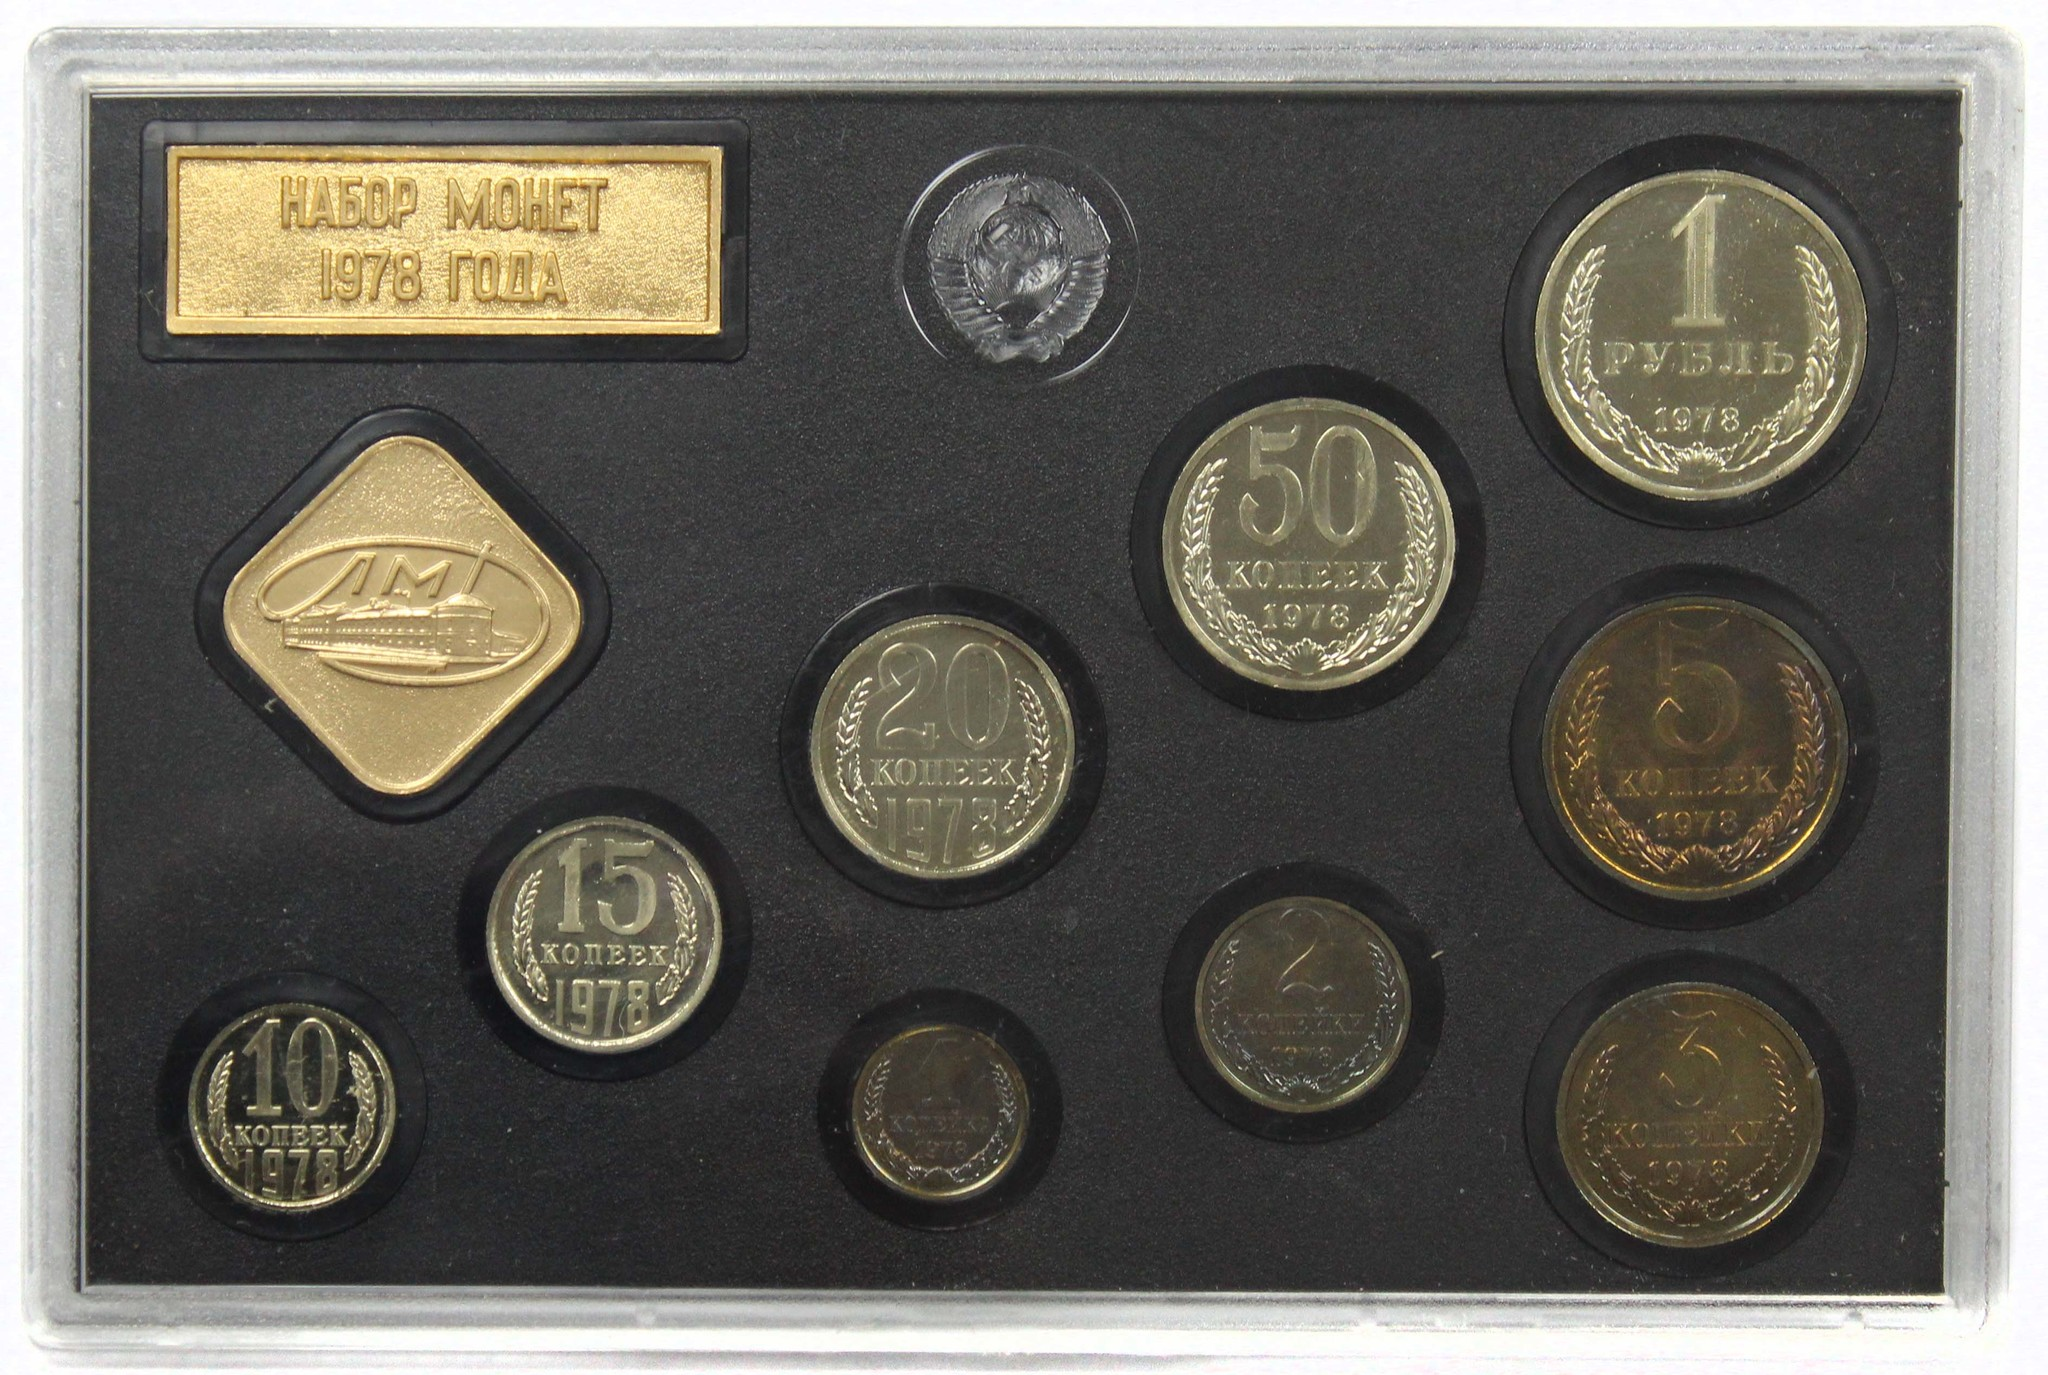 Набор регулярных монет СССР 1978 года ЛМД (с жетоном, в конверте), твердый